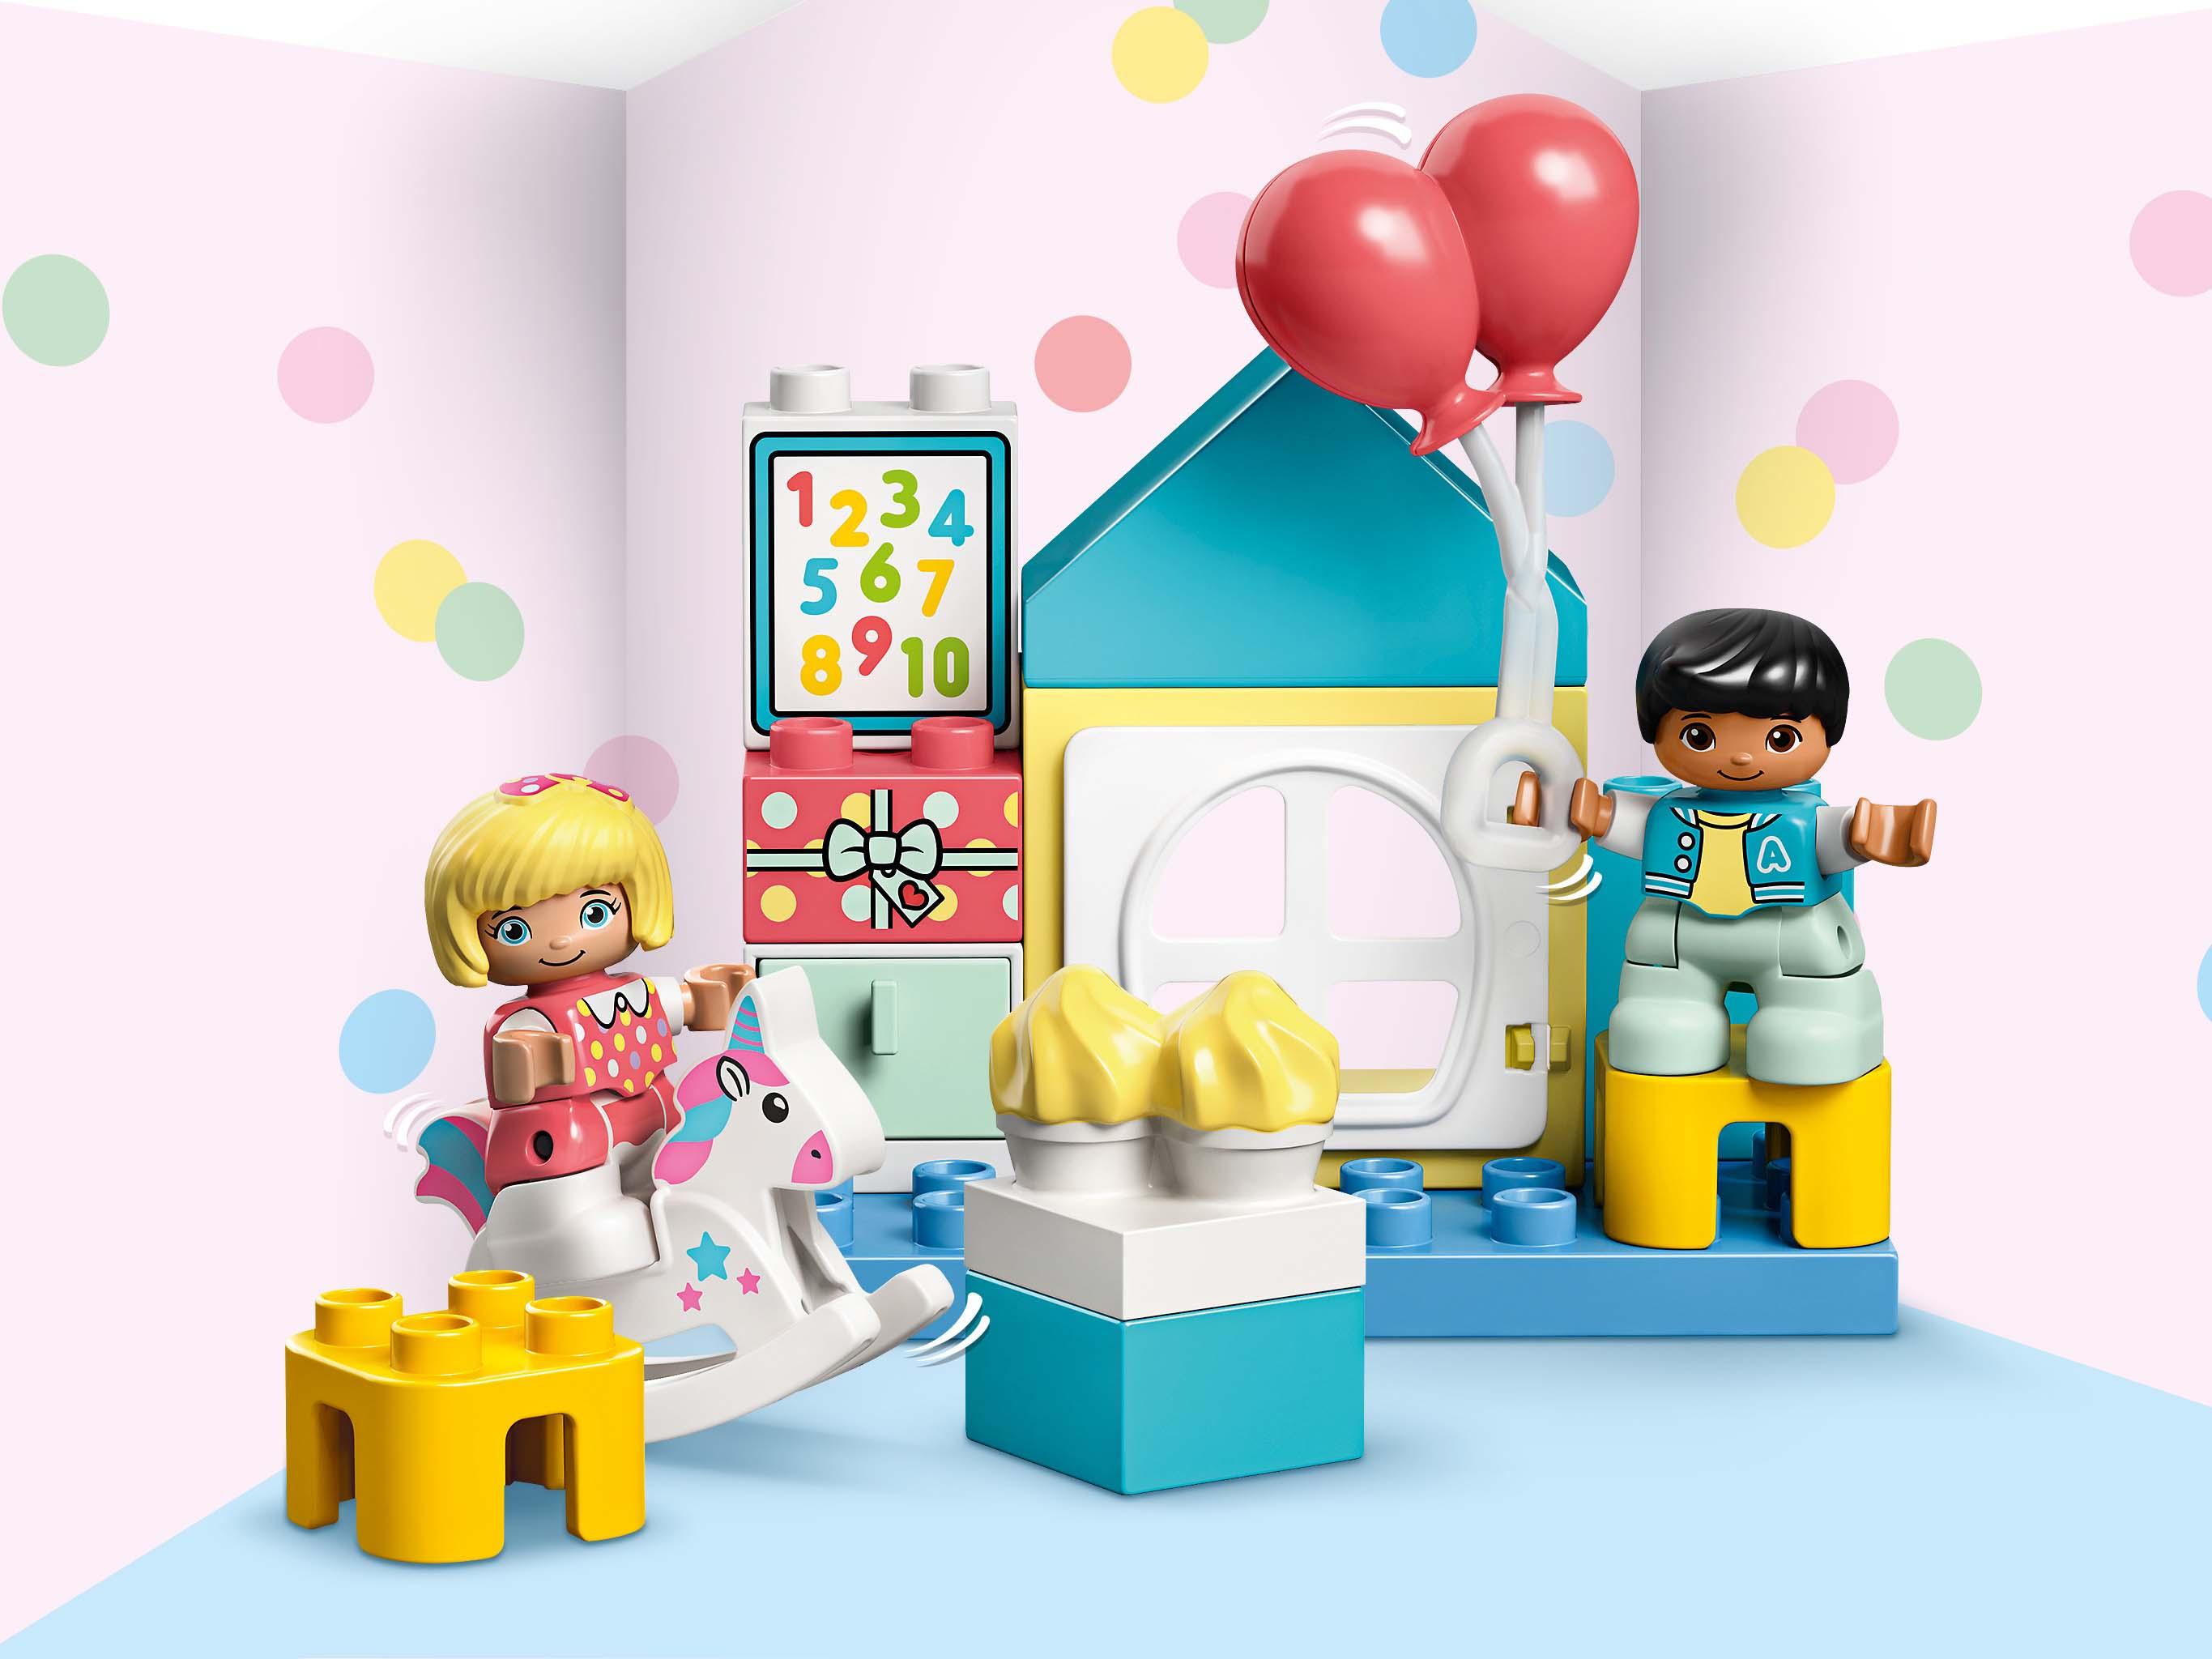 Конструктор Lego Duplo Town - Игровая комната